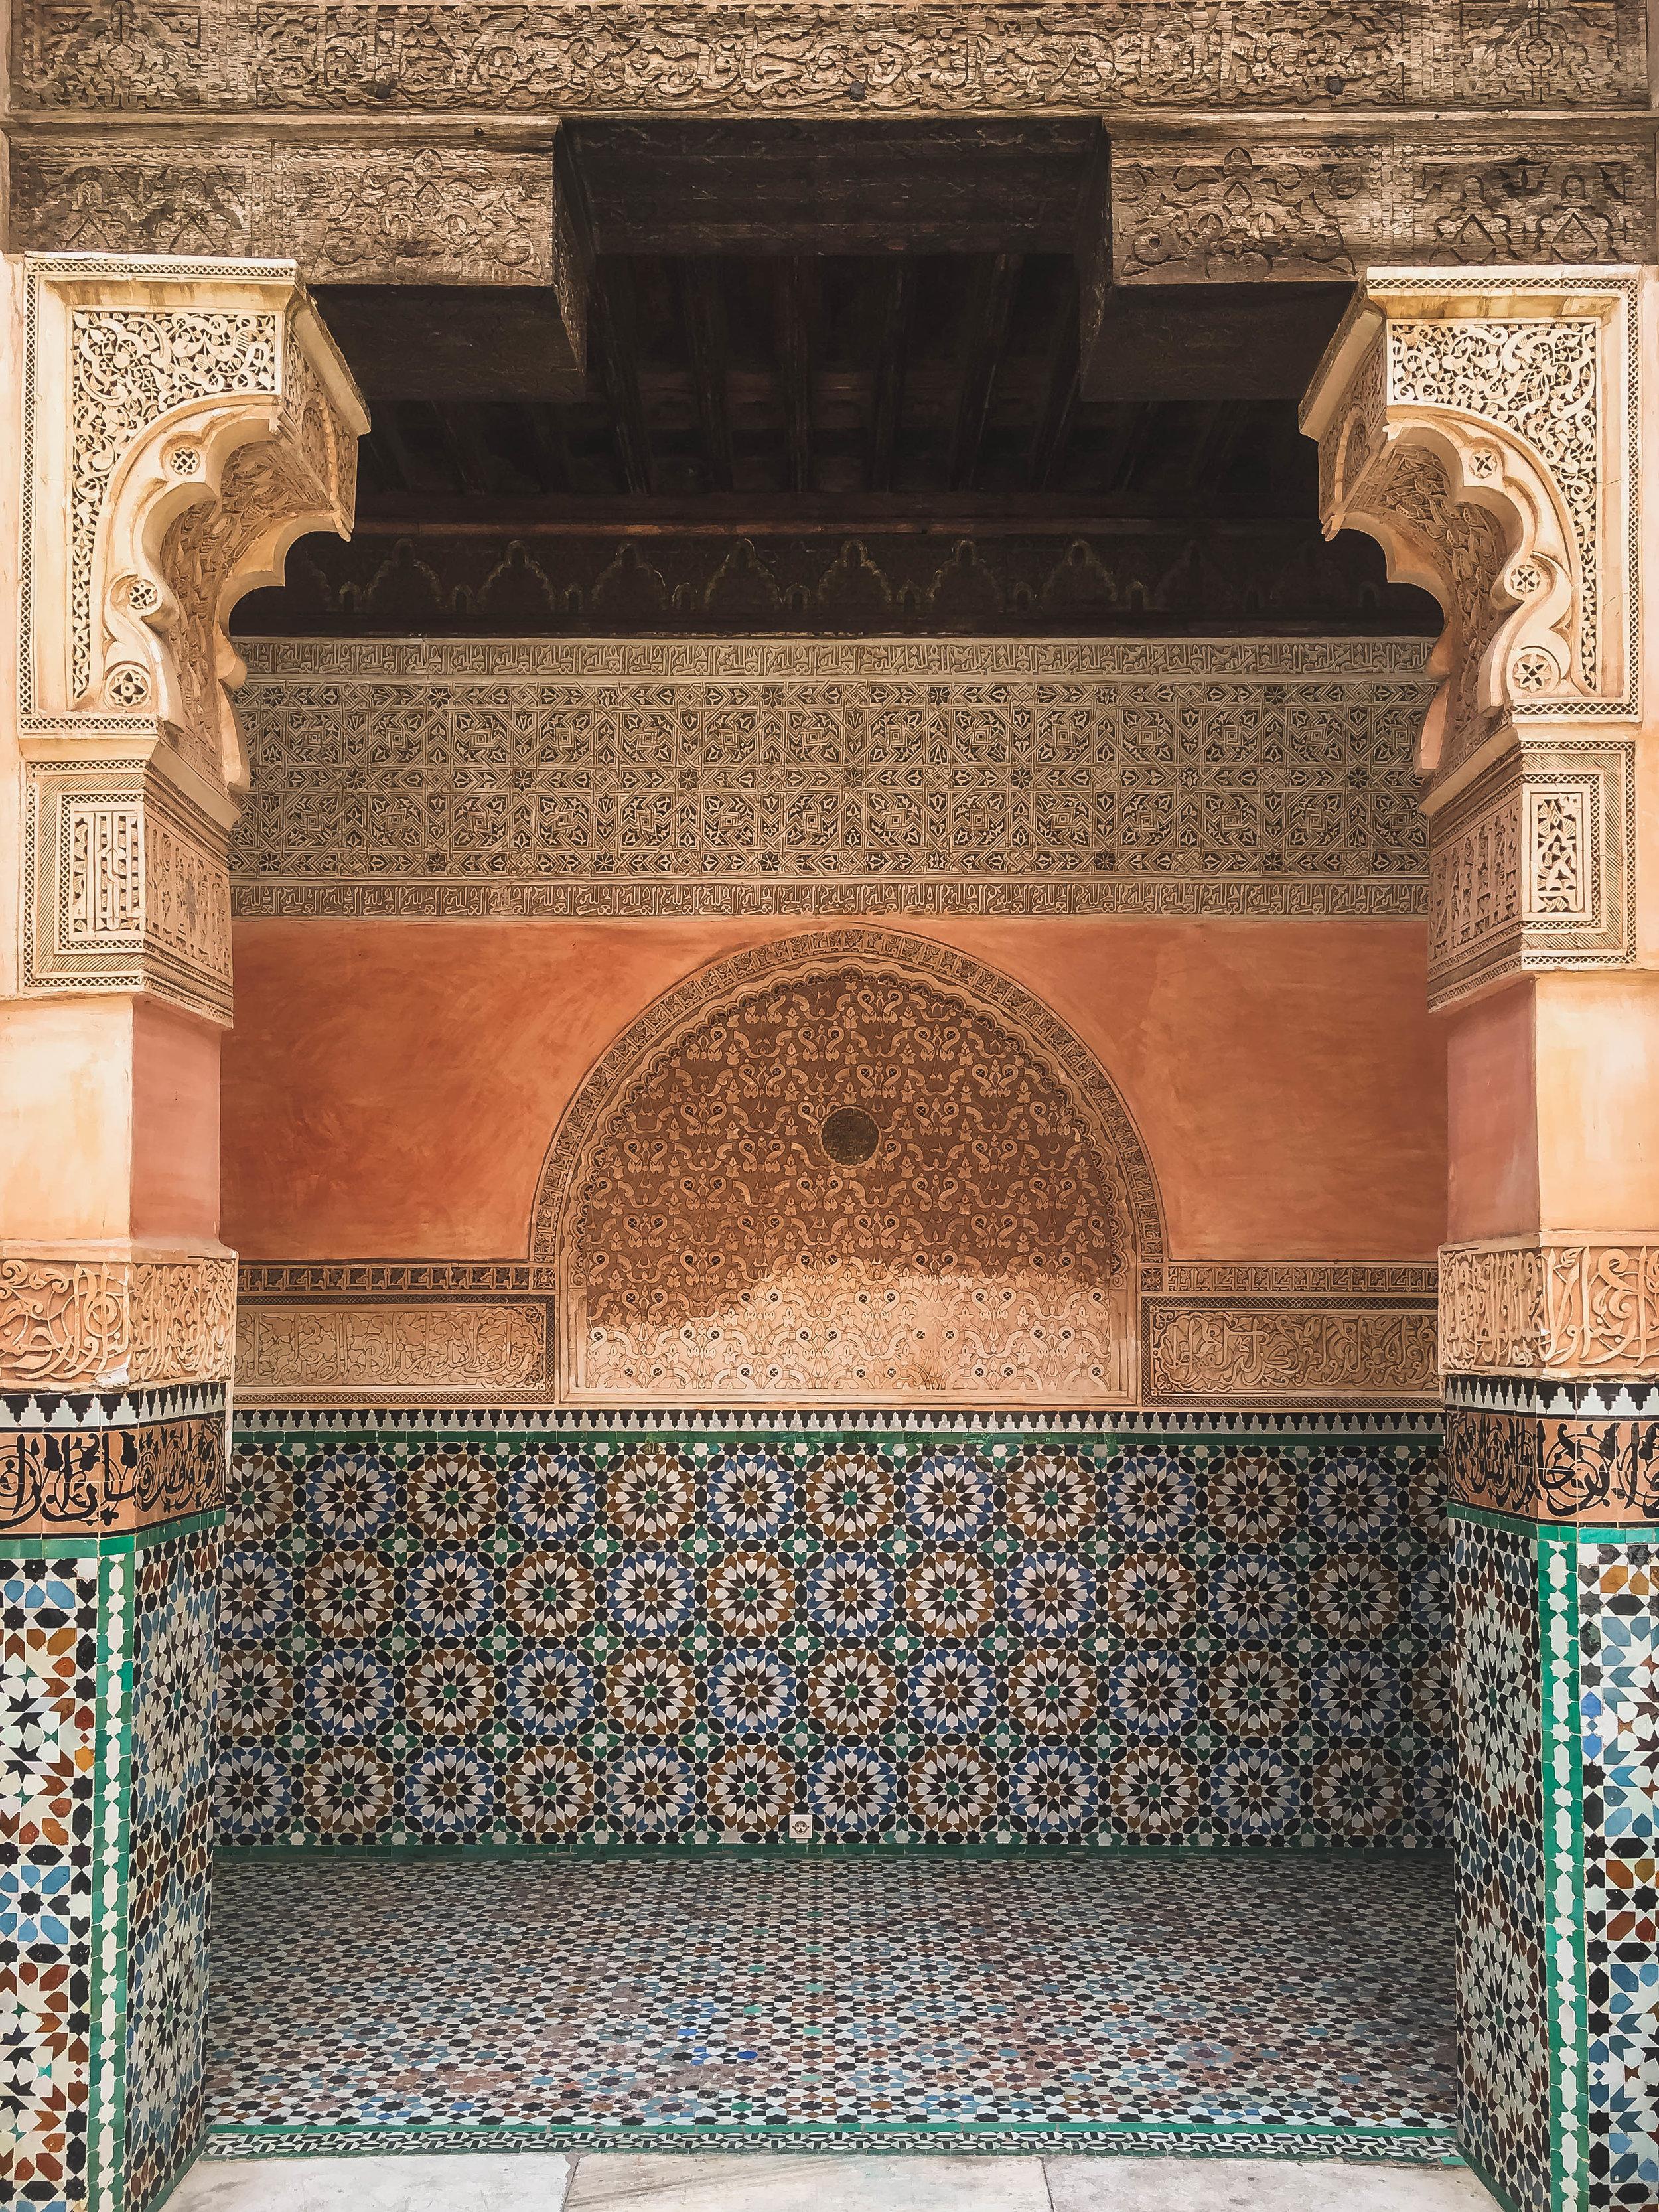 Madrasa Ben Youssef II, Marrakech